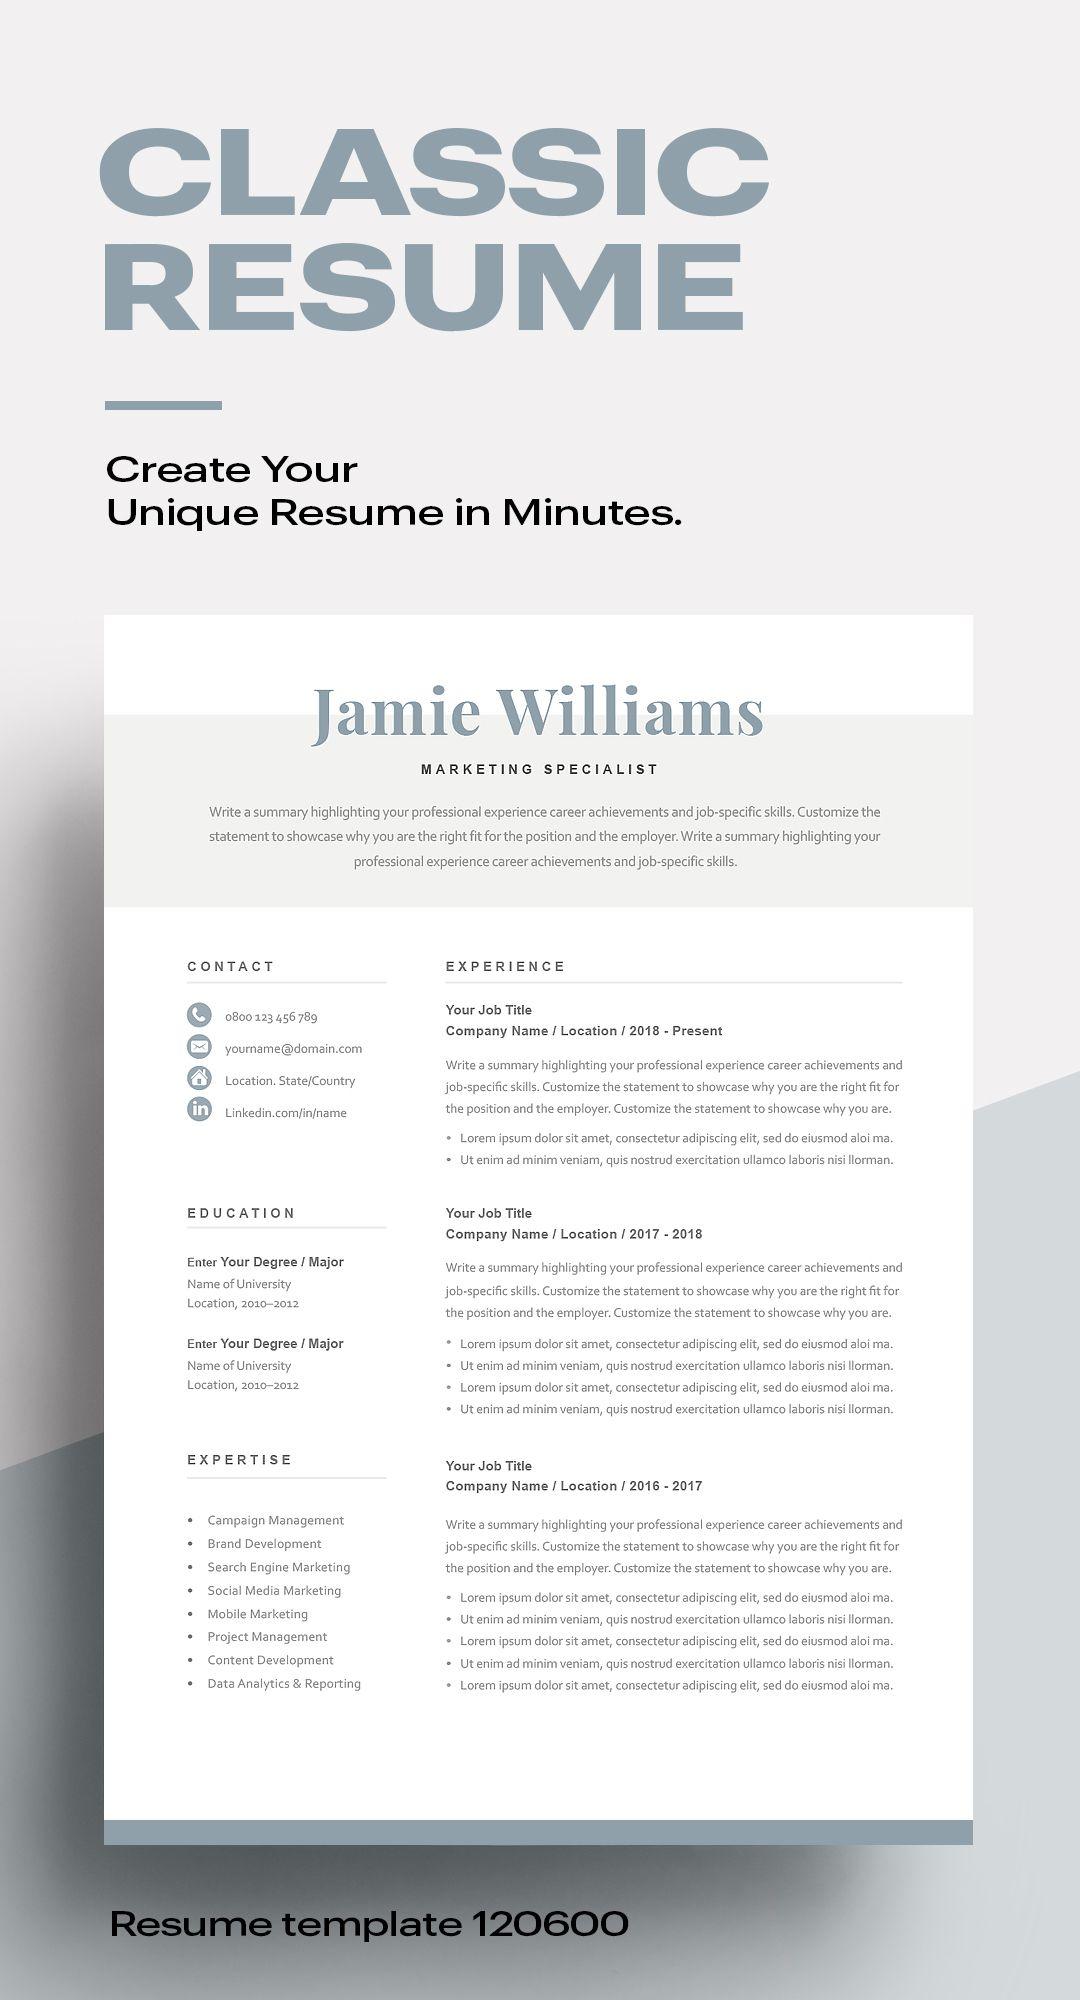 Modern Resume Template 120090 Resumeway in 2020 Resume